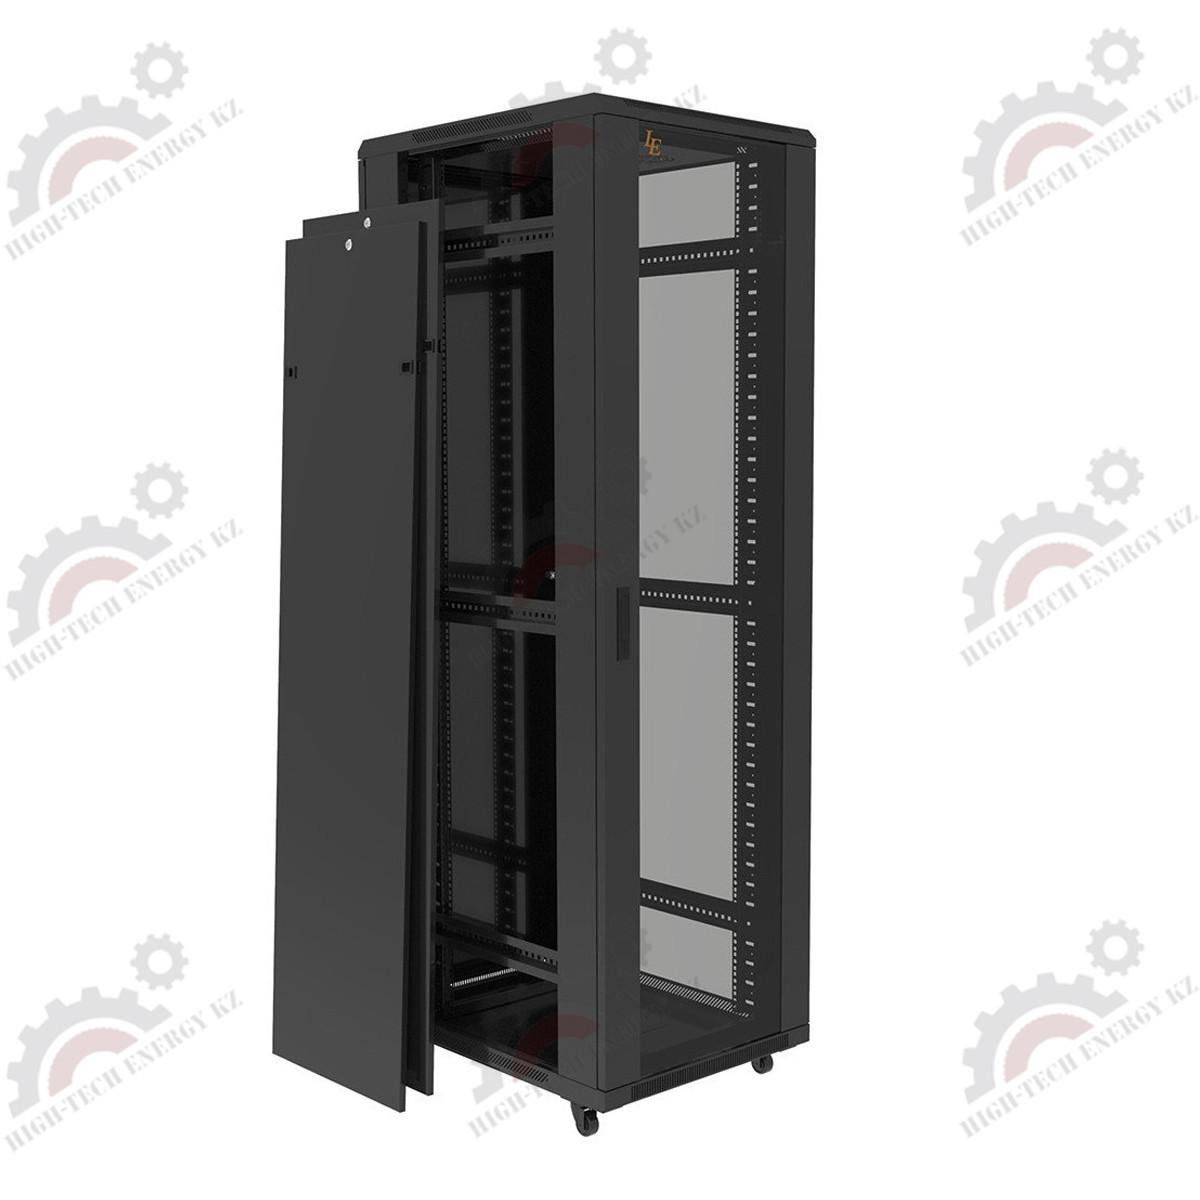 Шкаф серверный напольный LATITUDA 42U, 800*800*1958мм, цвет черный, передняя дверь стеклянная